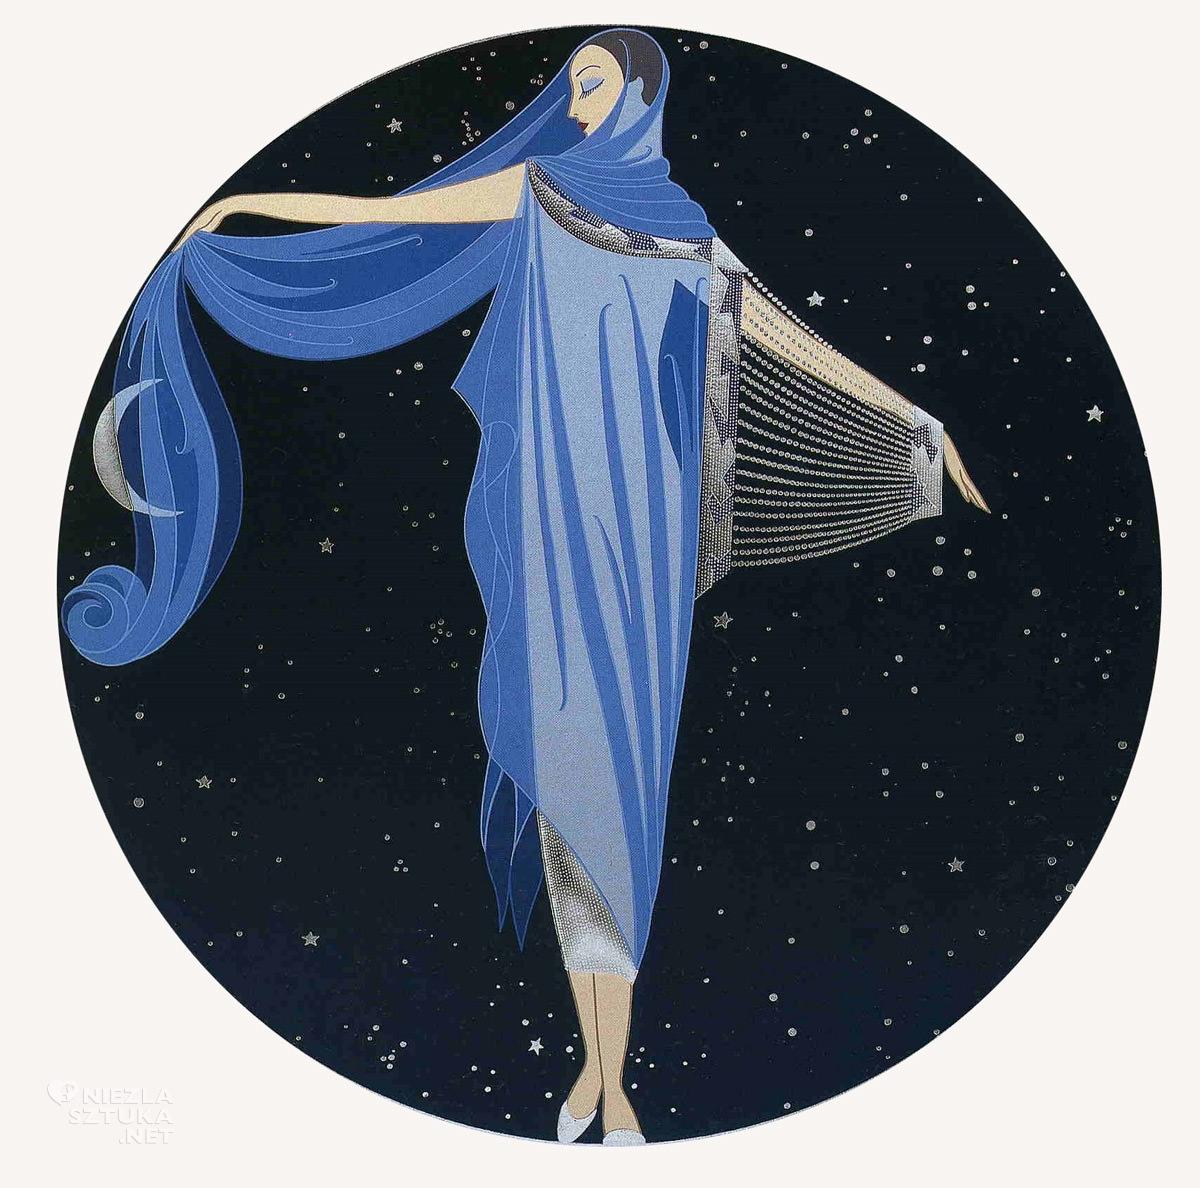 Erté, Księżycowe światło, Romain de Tirtoff, moda, grafika, ilustracja, Niezła Sztuka